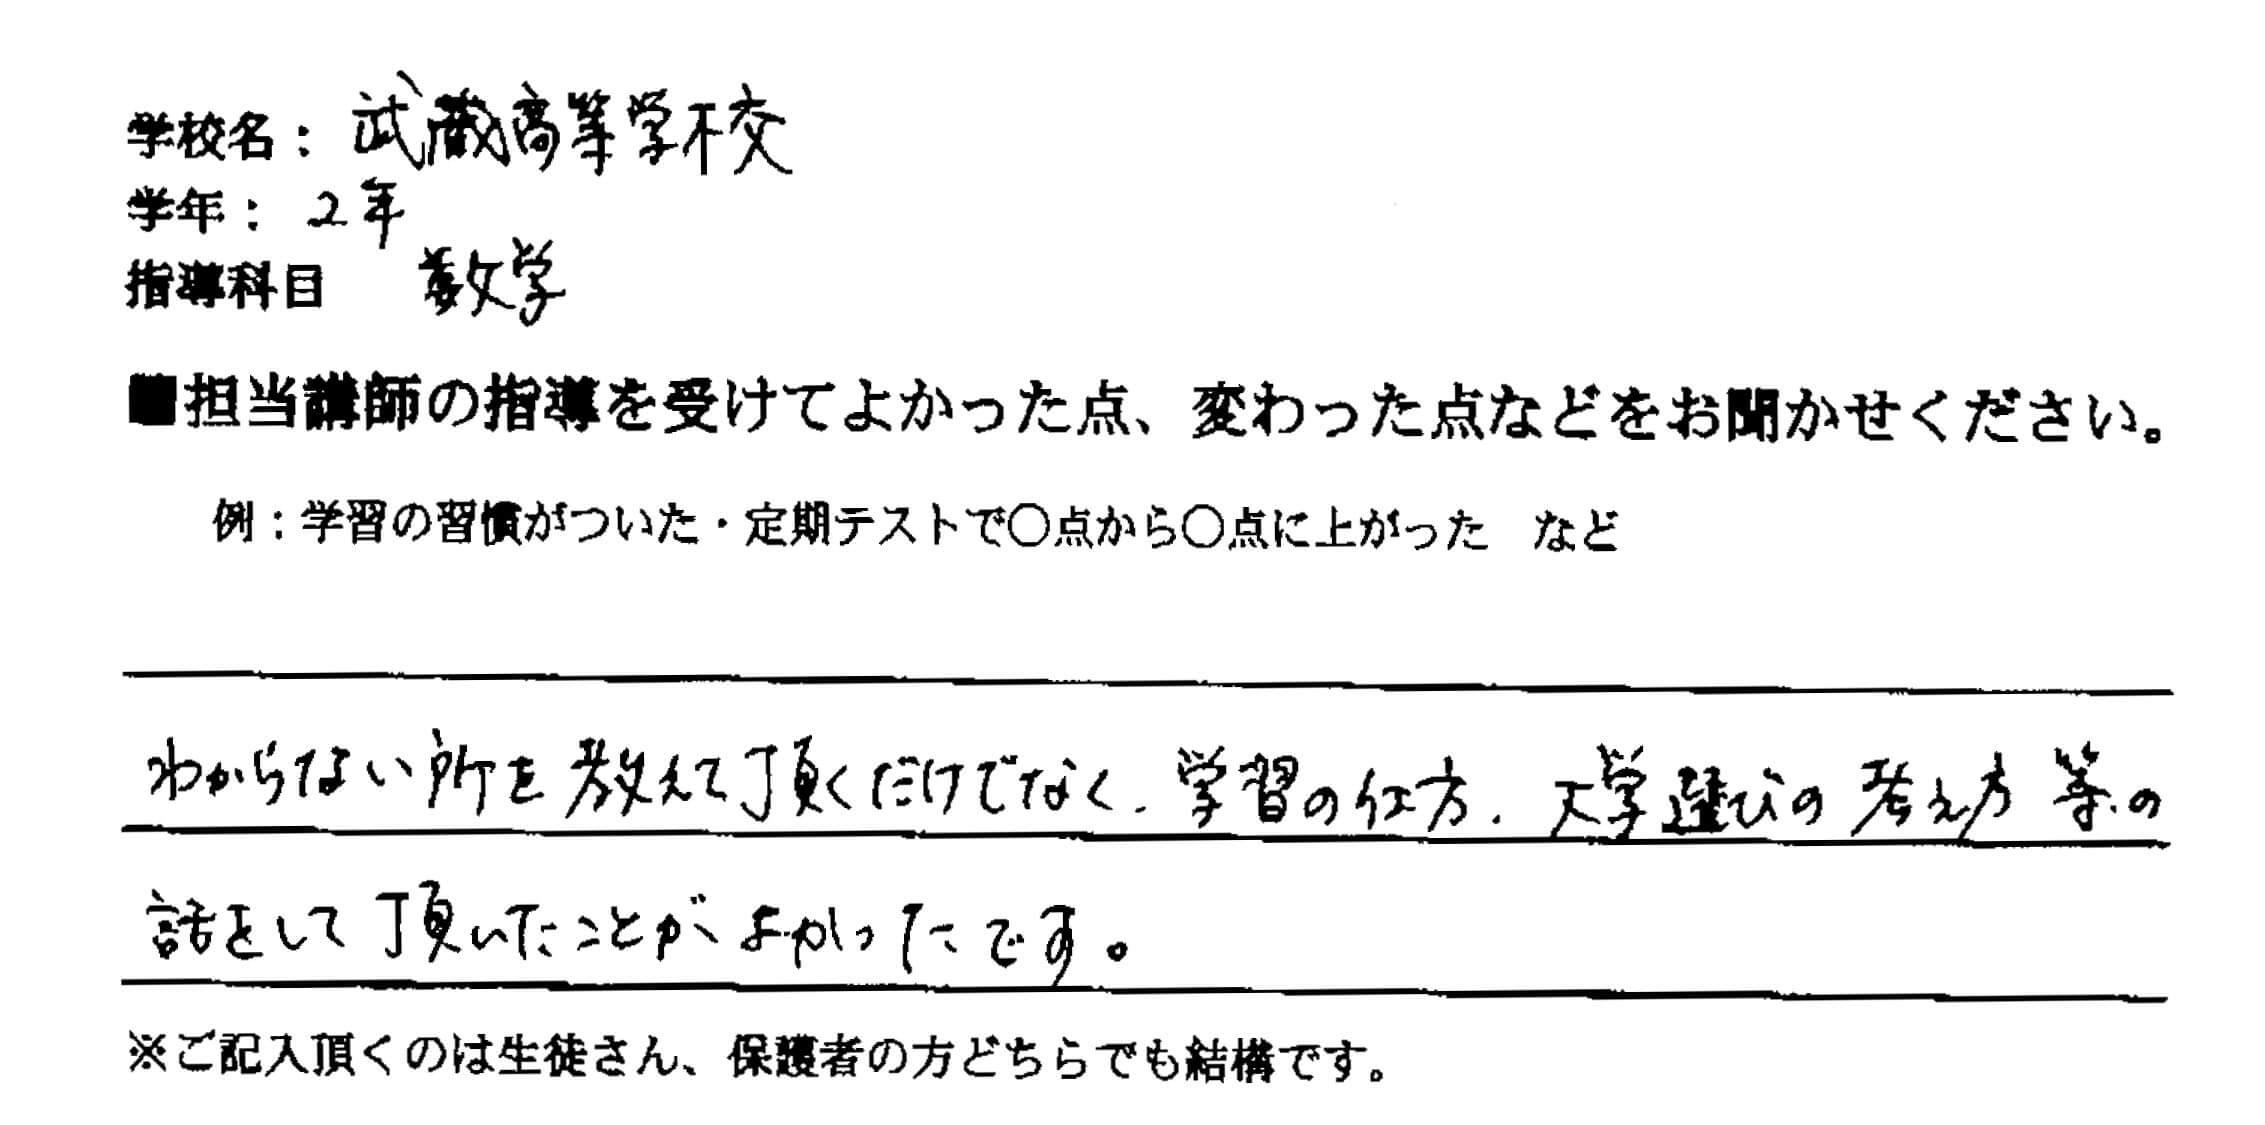 武蔵高等学校 2年 K・Mさん